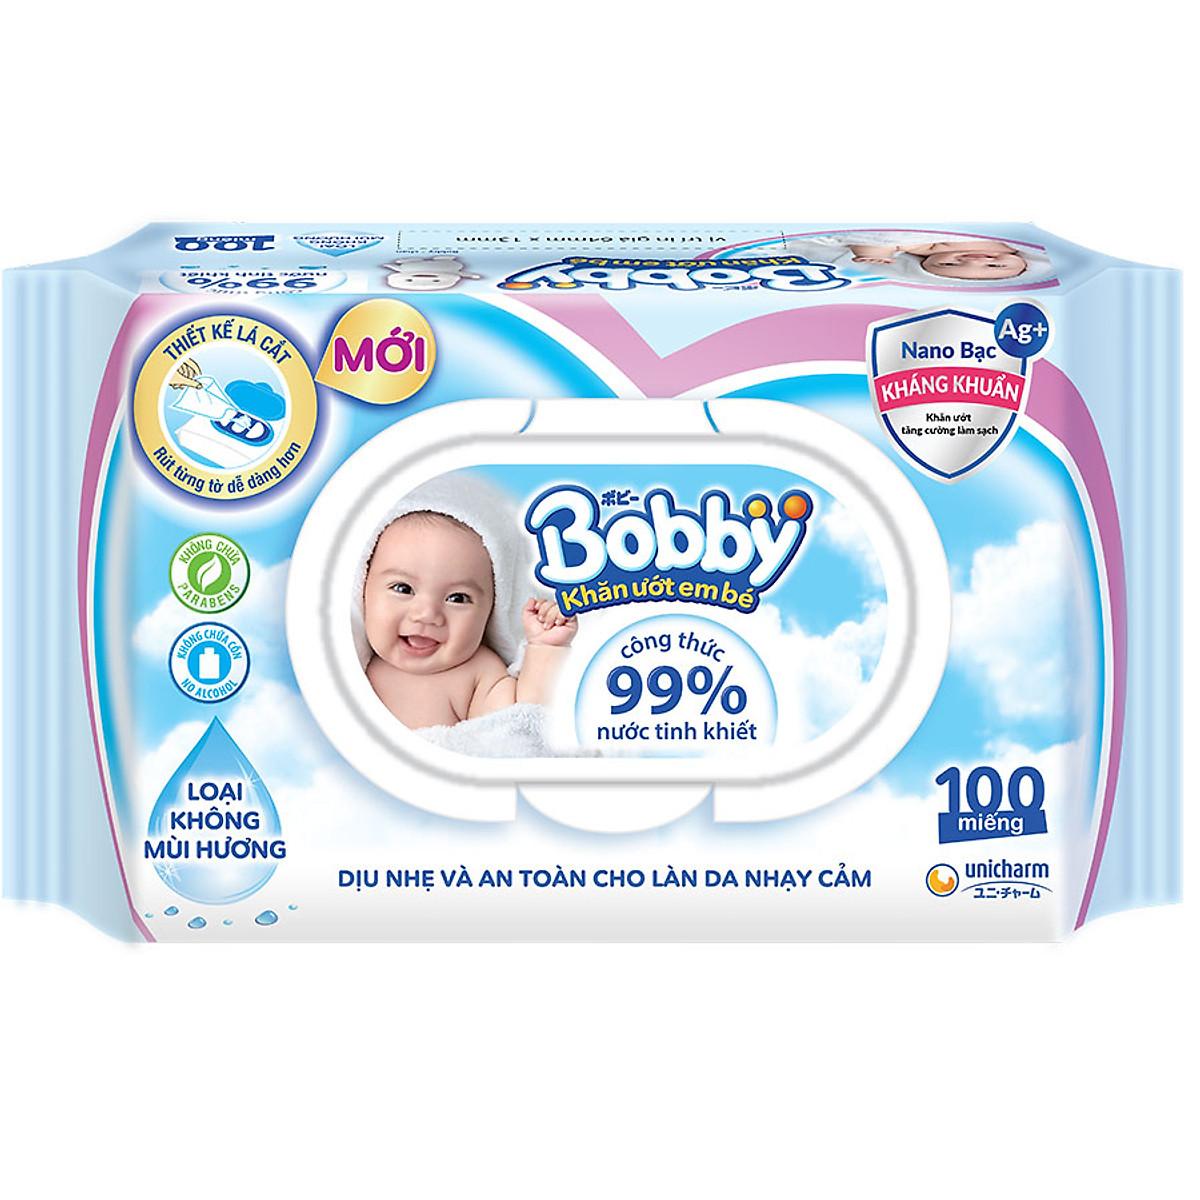 Khăn Ướt Bobby Không Mùi (100 Miếng) | Tiki.vn